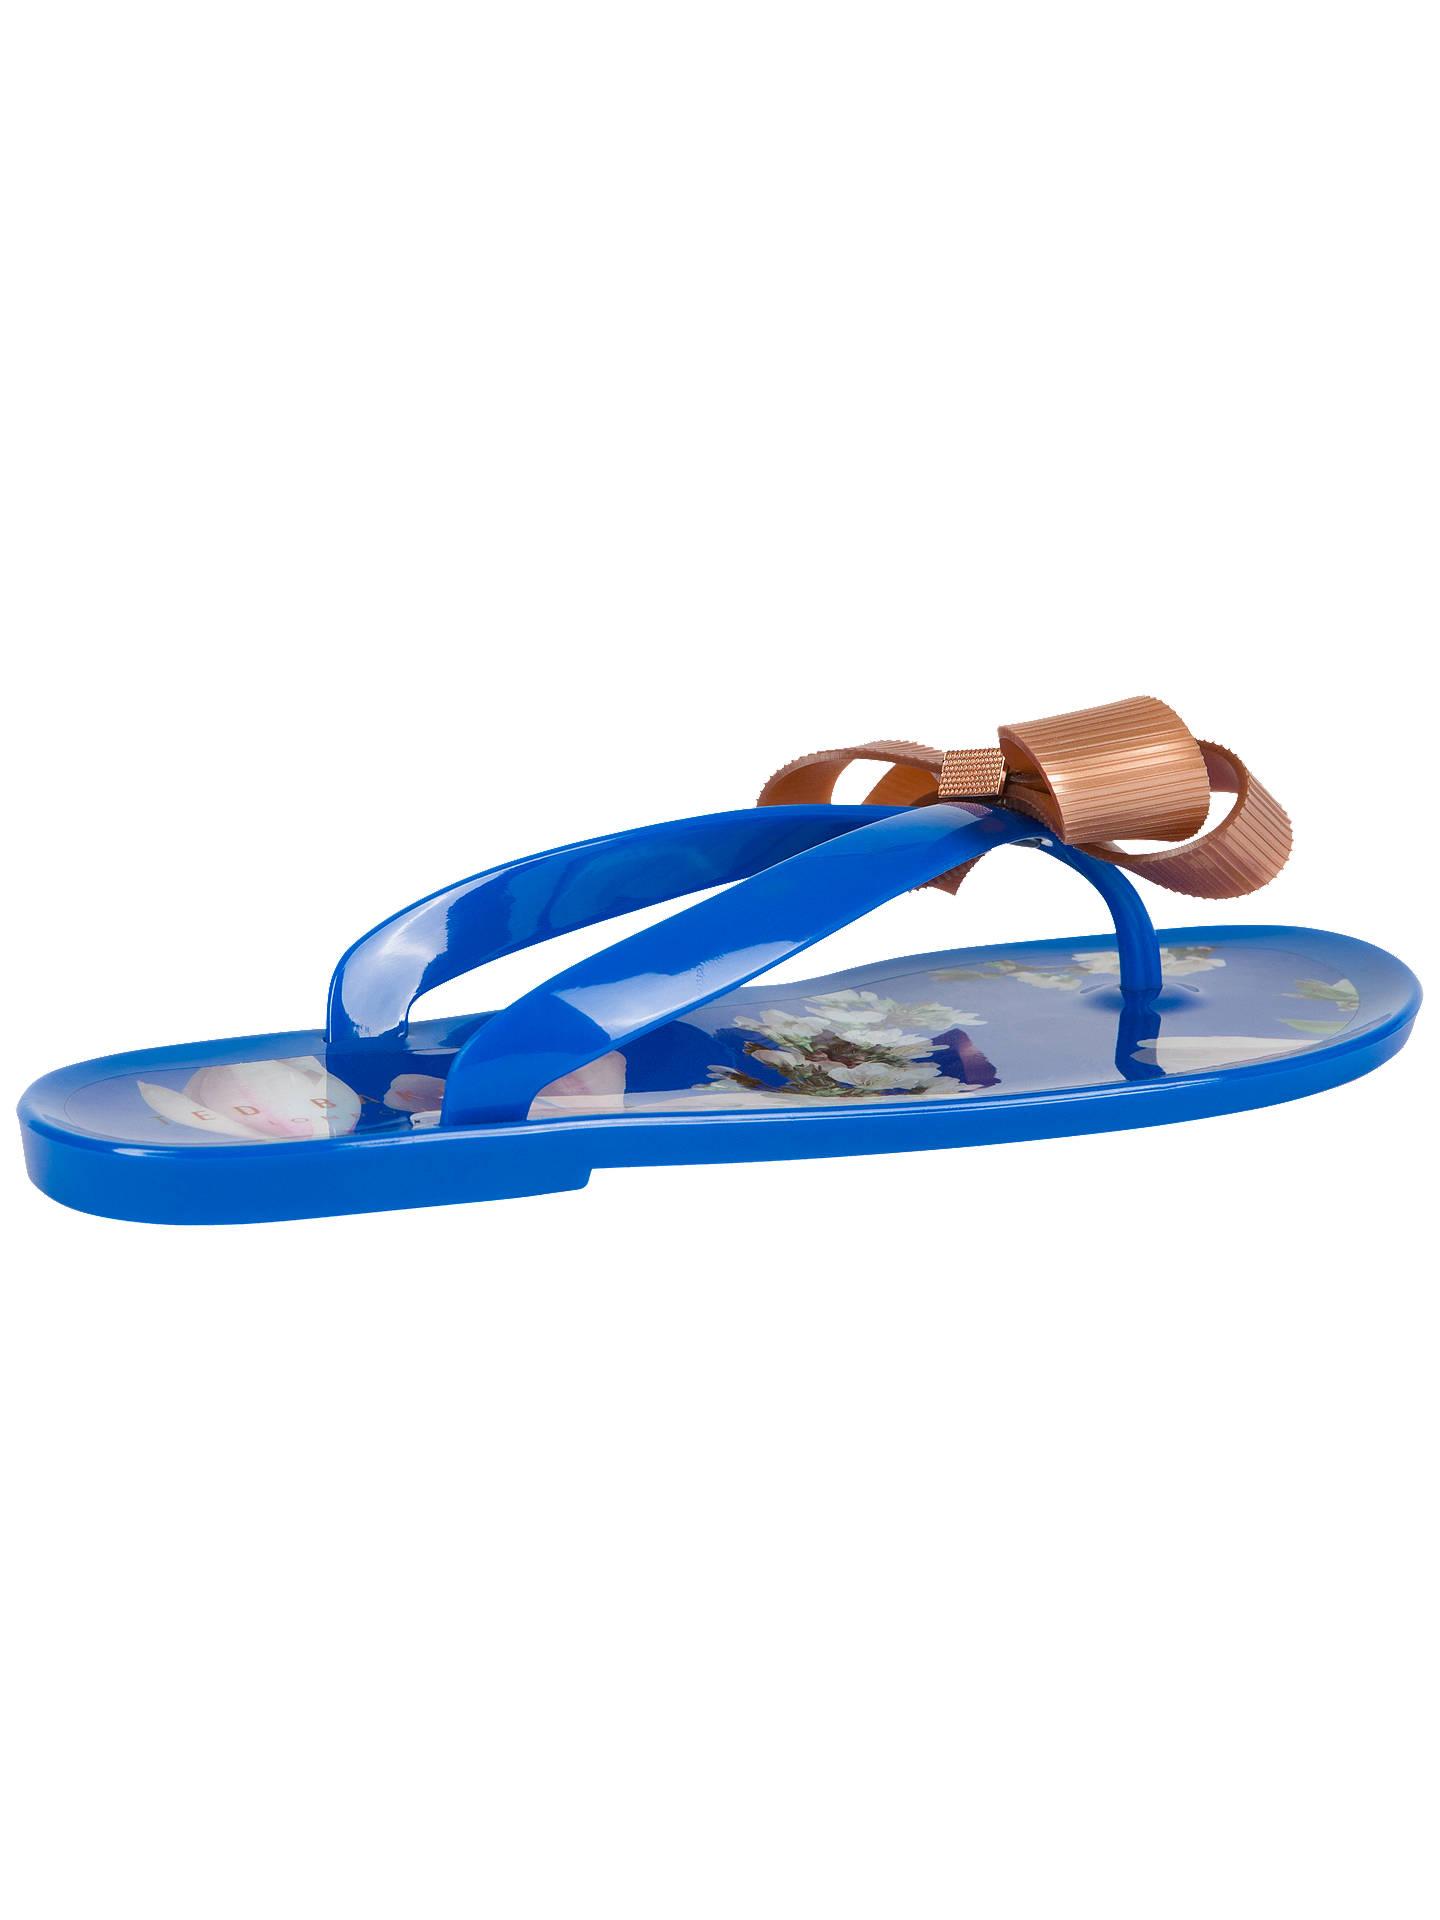 402ee2a05 ... Buy Ted Baker Susziep Flip Flops